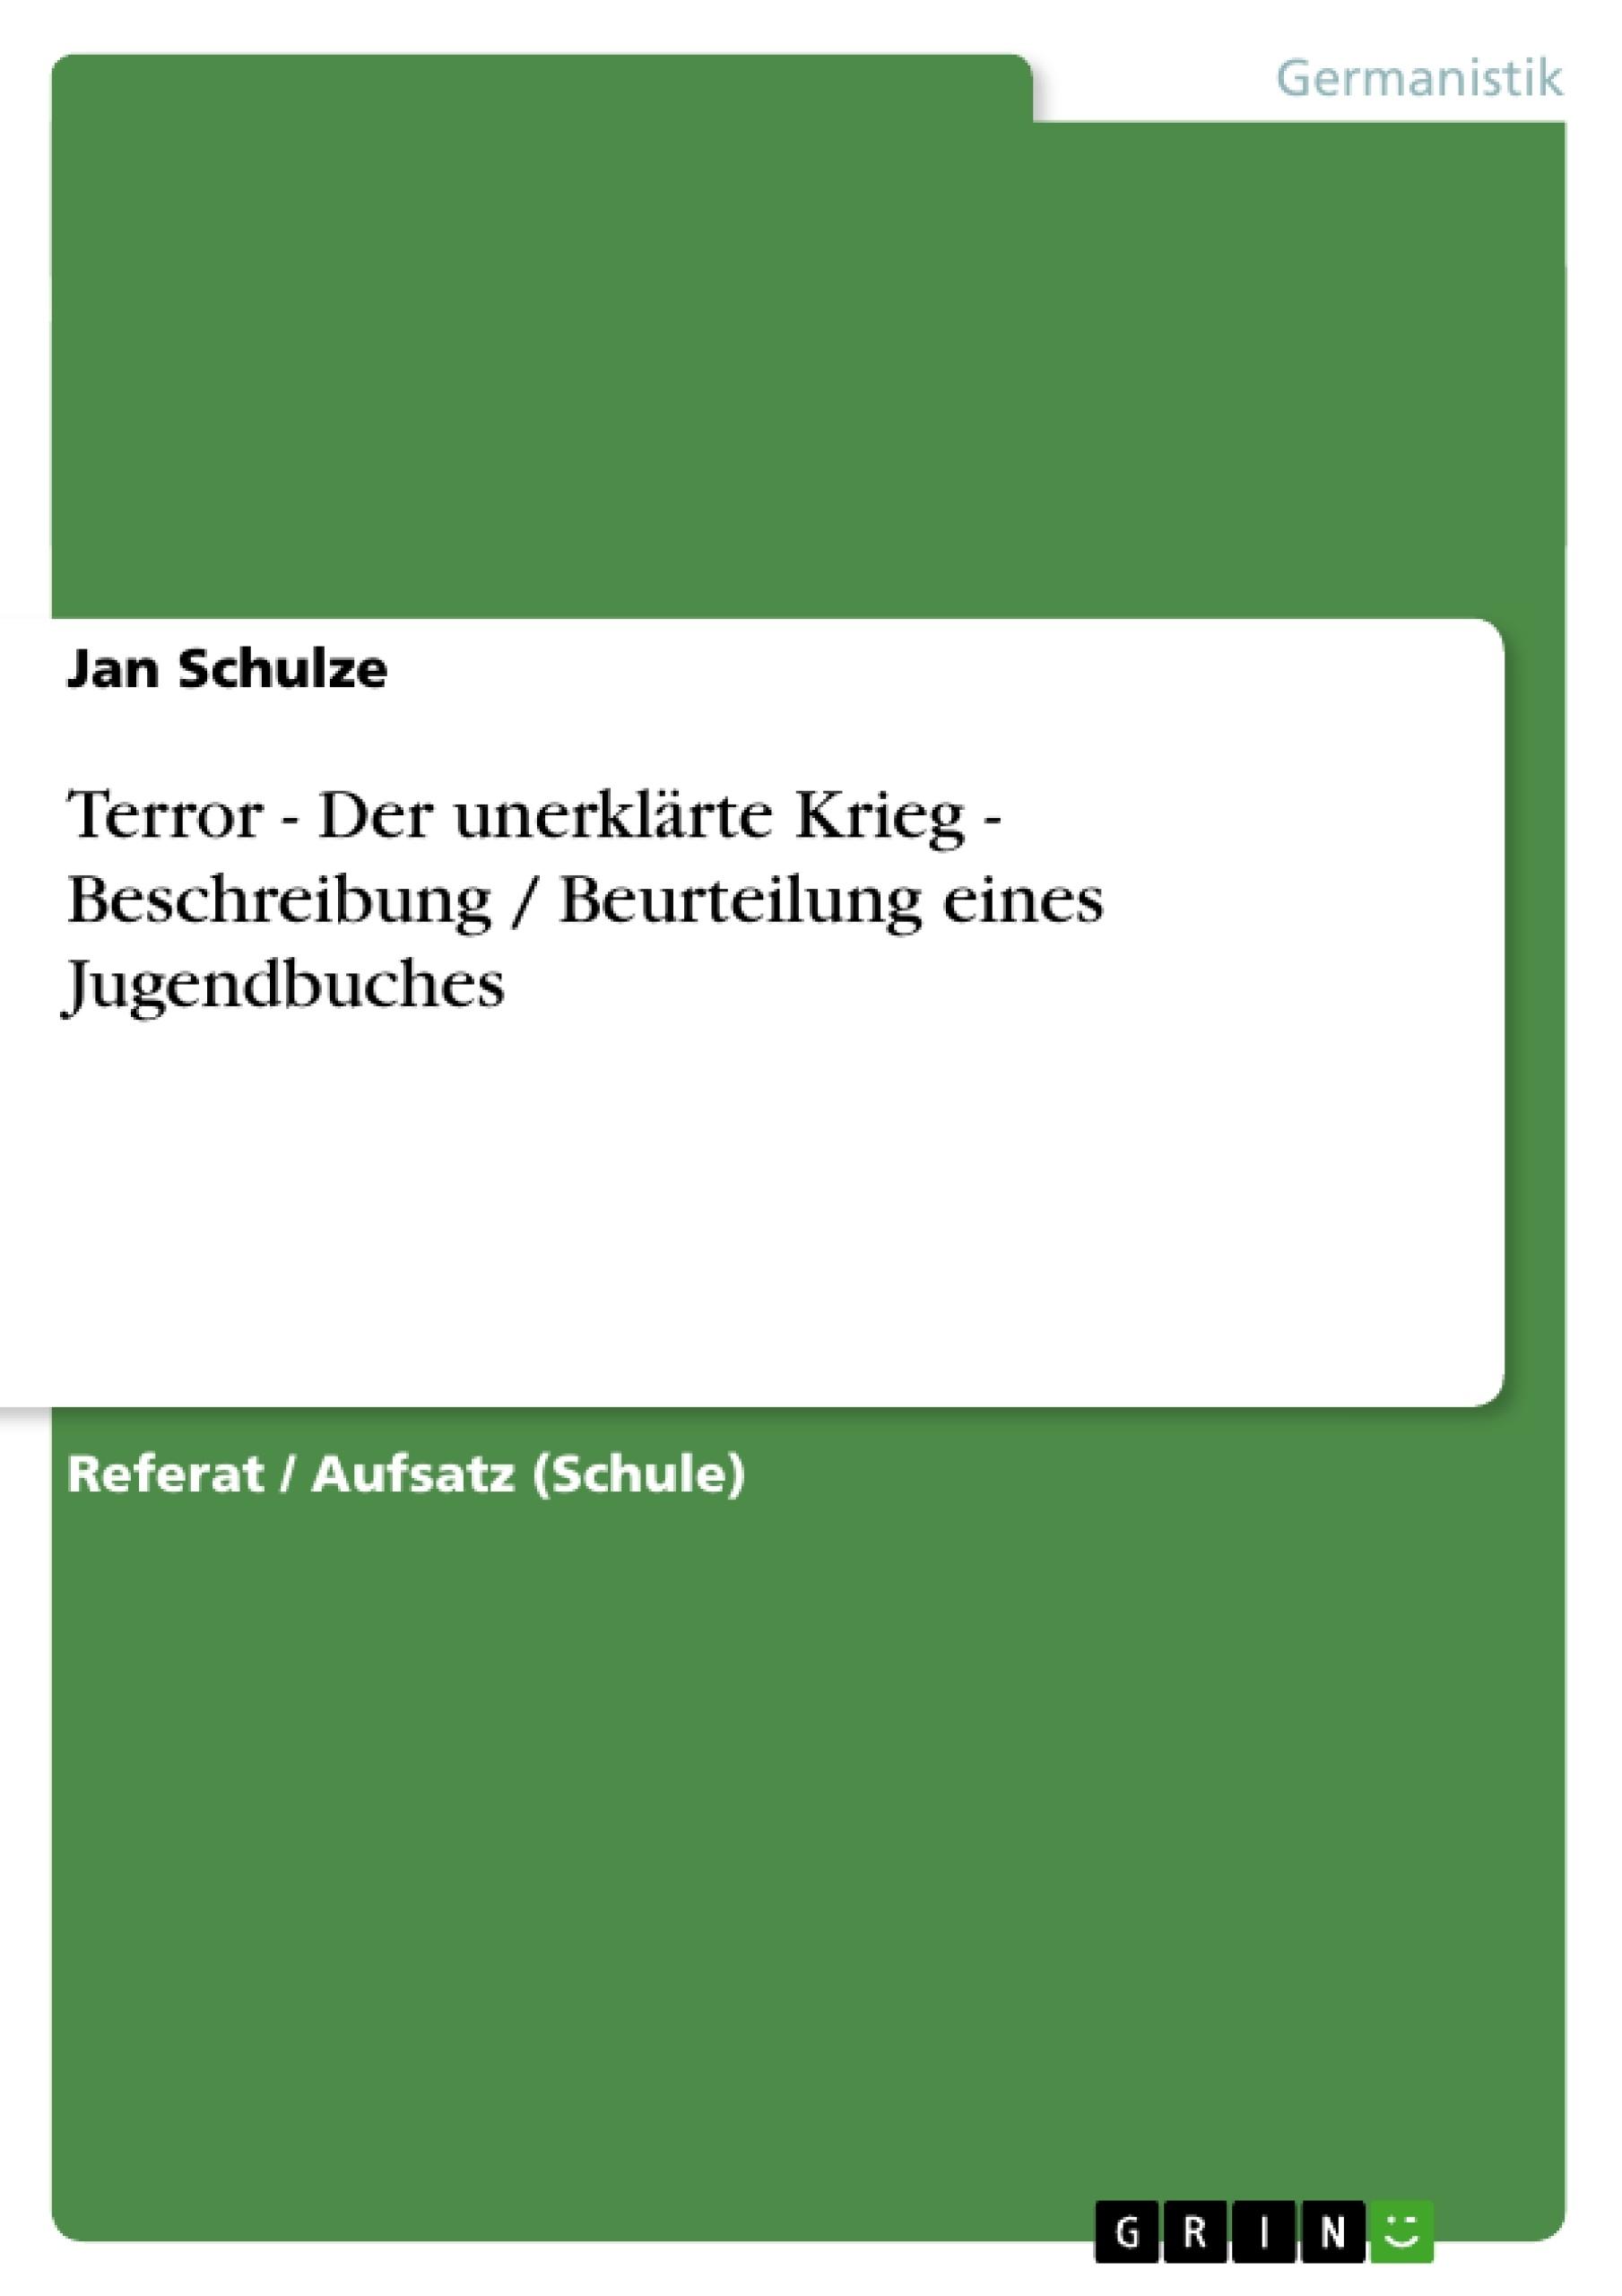 Titel: Terror - Der unerklärte Krieg  -  Beschreibung / Beurteilung eines Jugendbuches